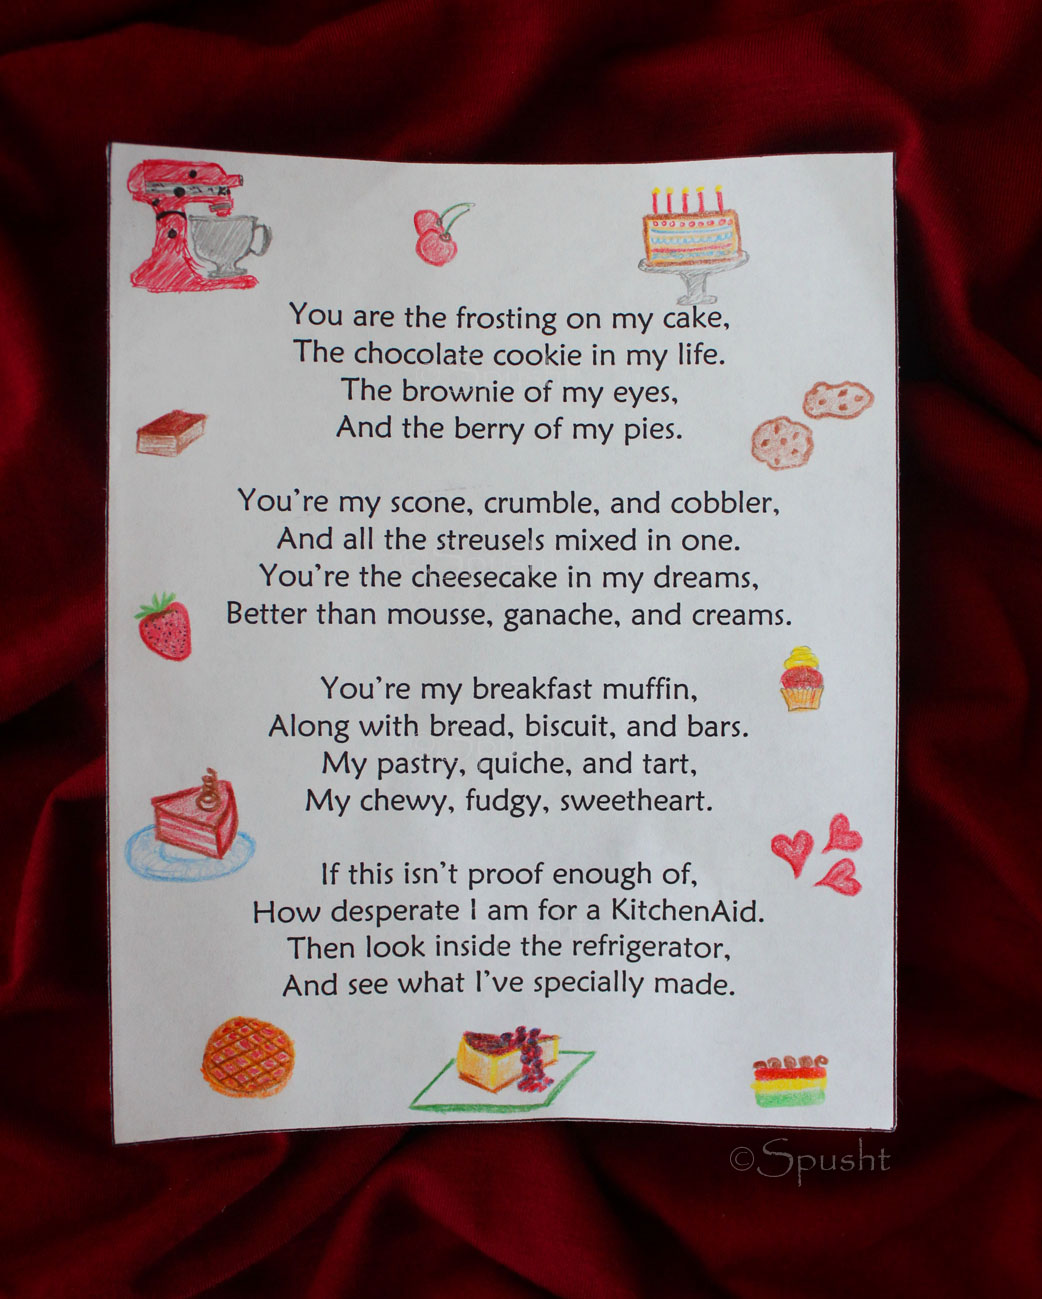 Spusht: Birthday Surprise for Husband